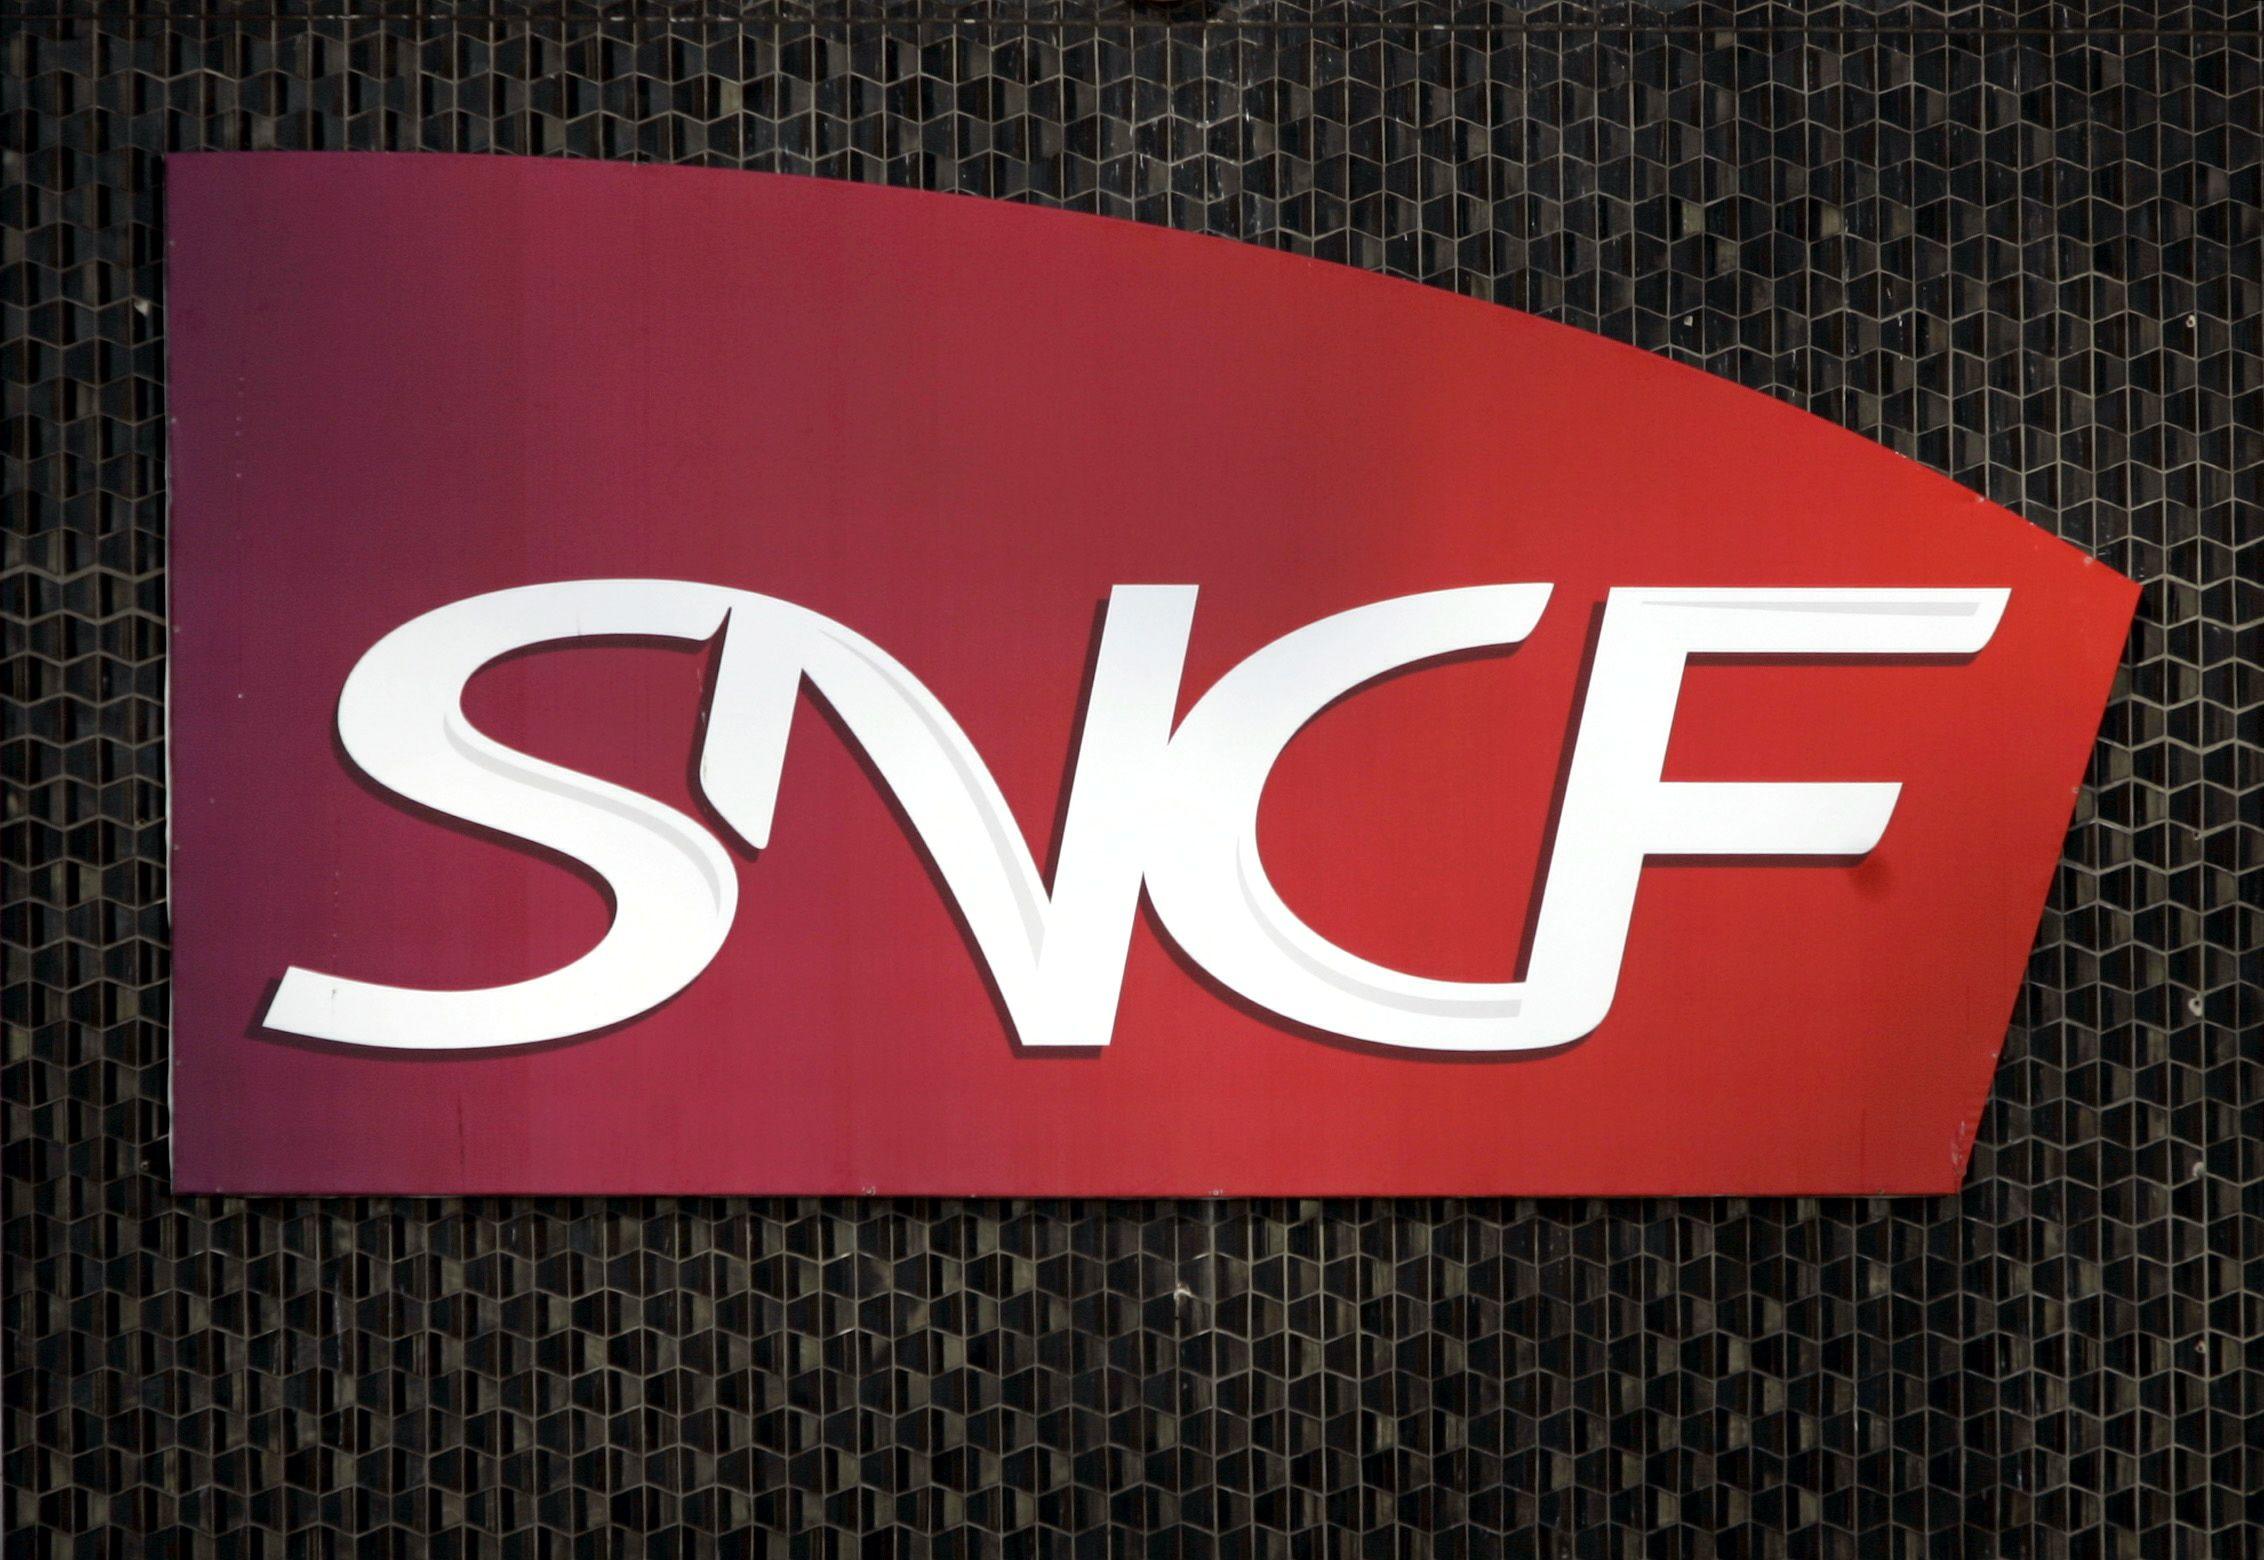 Une grève pour quoi? Le regroupement SNCF - RFF est peut-être insuffisant mais va dans le bon sens